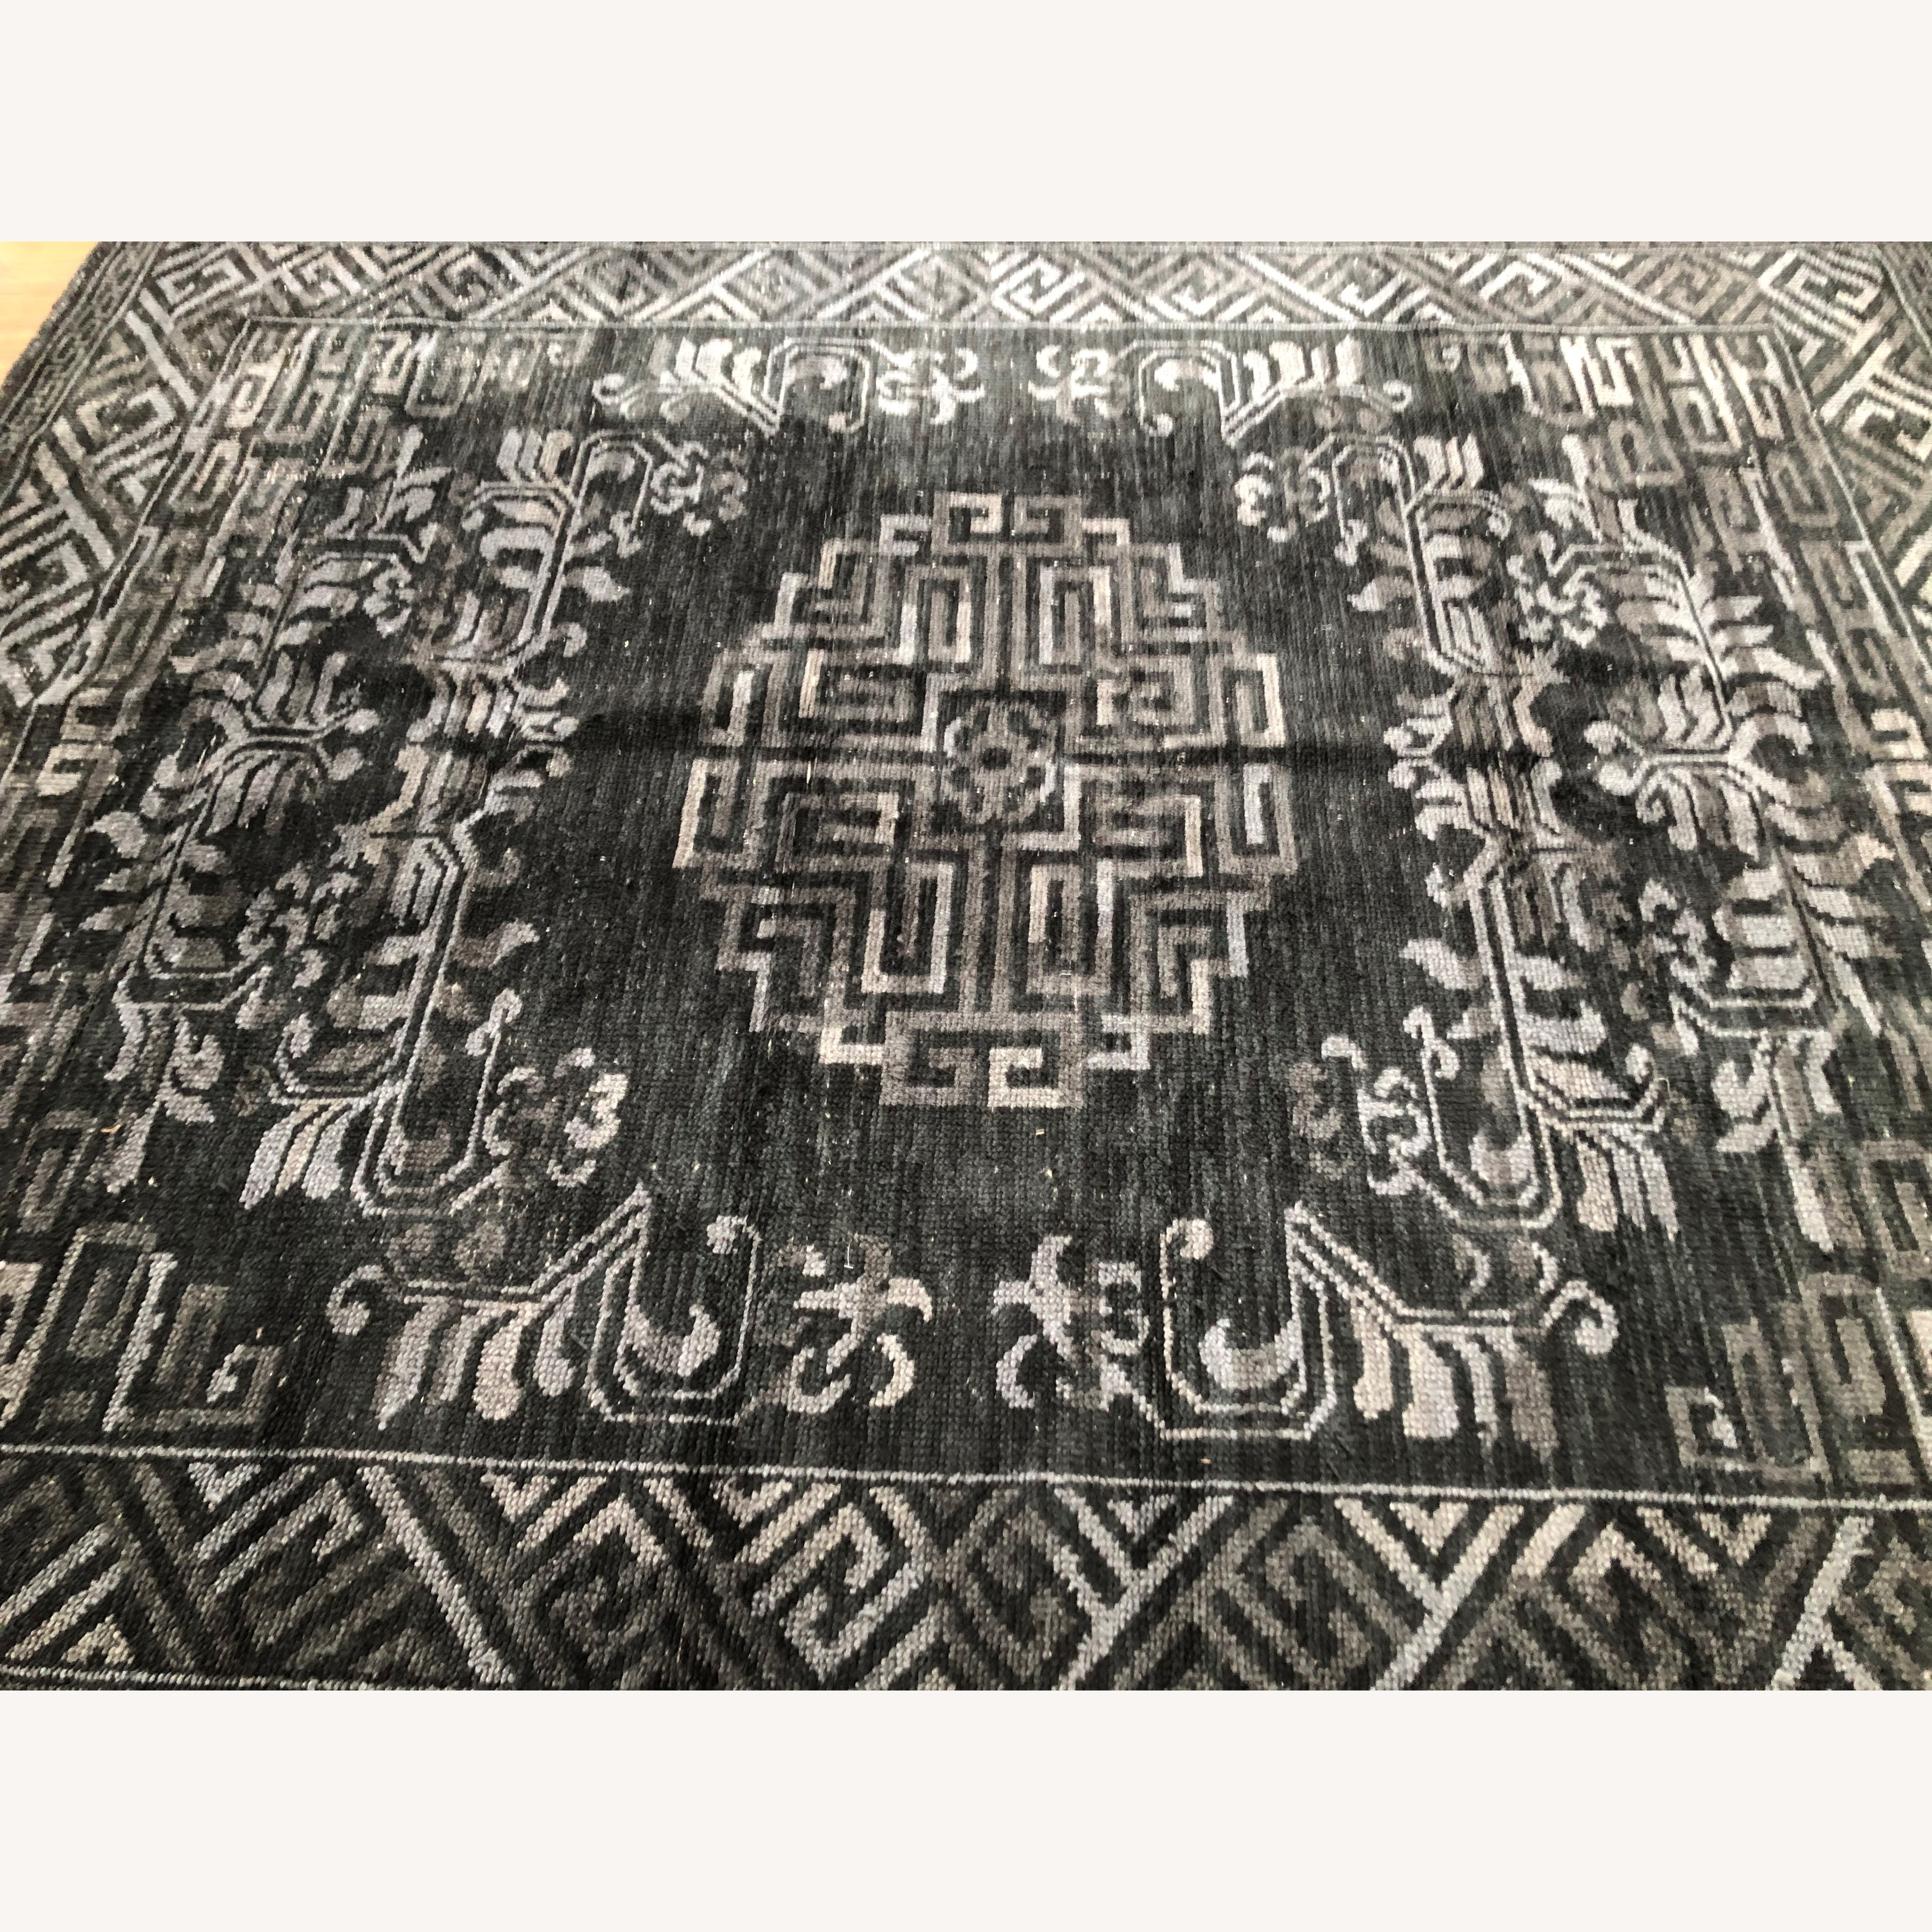 Room & Board Black Patterned Area Rug